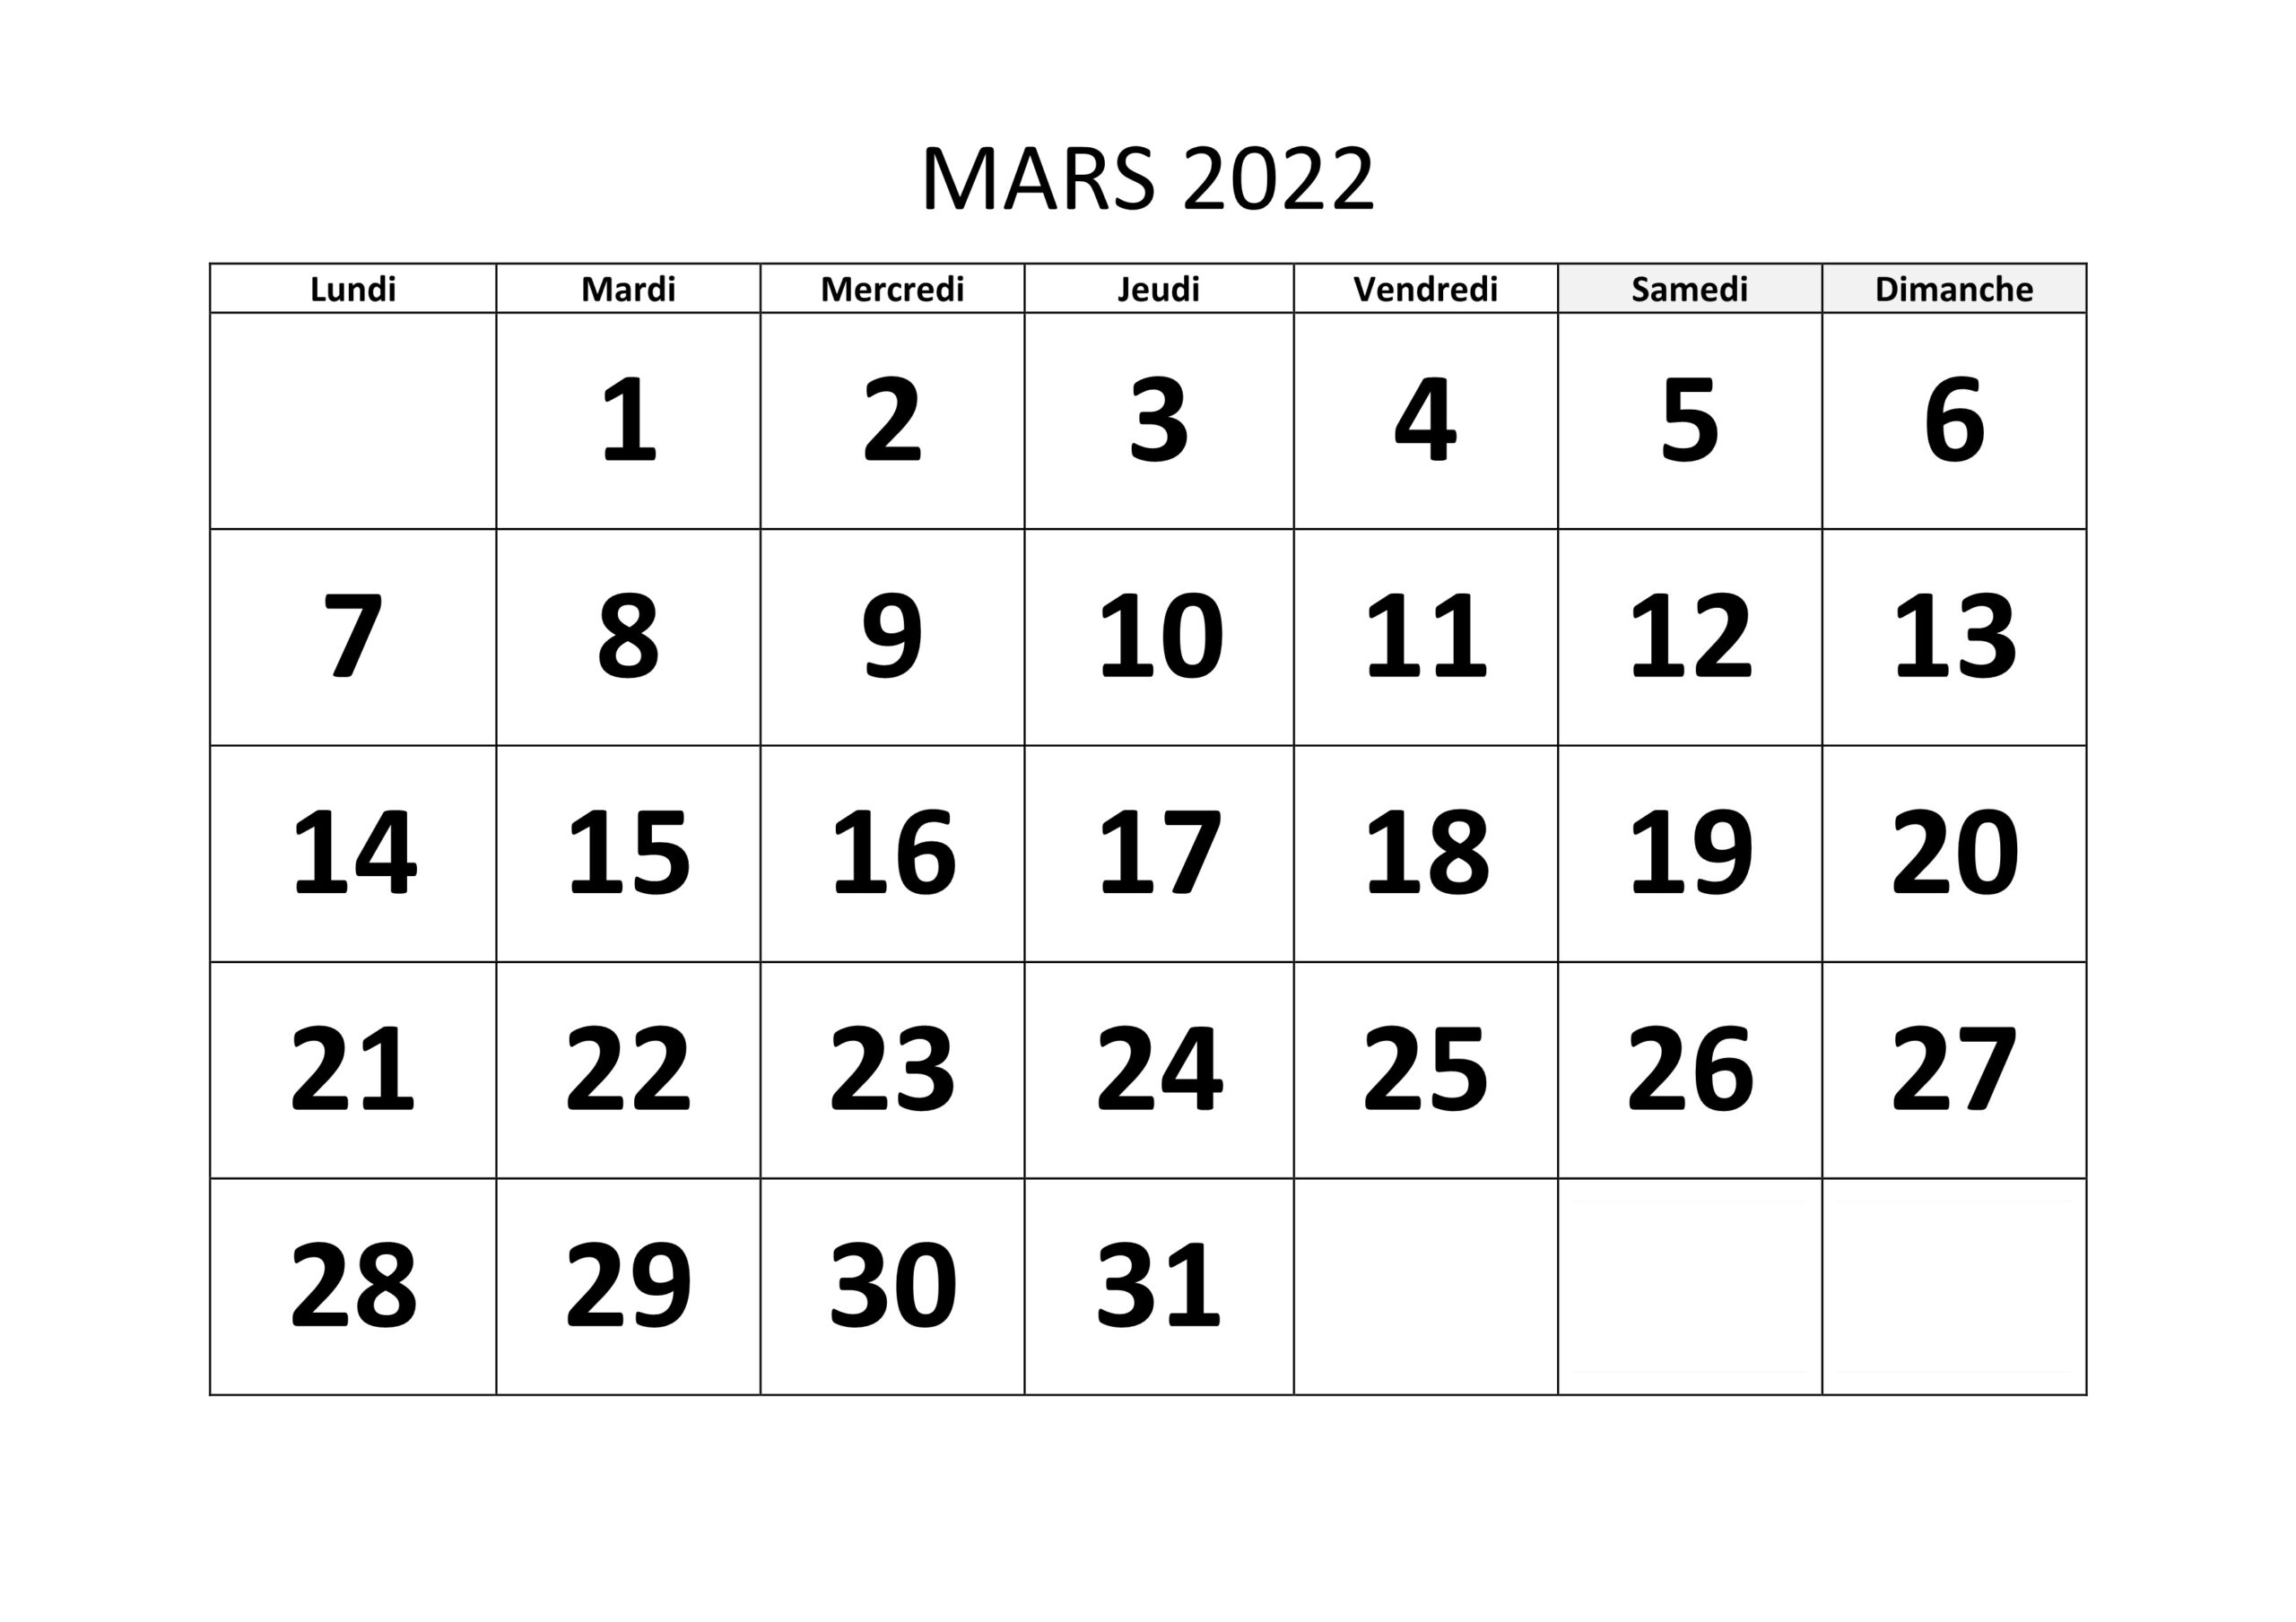 Calendrier de Mars 2022